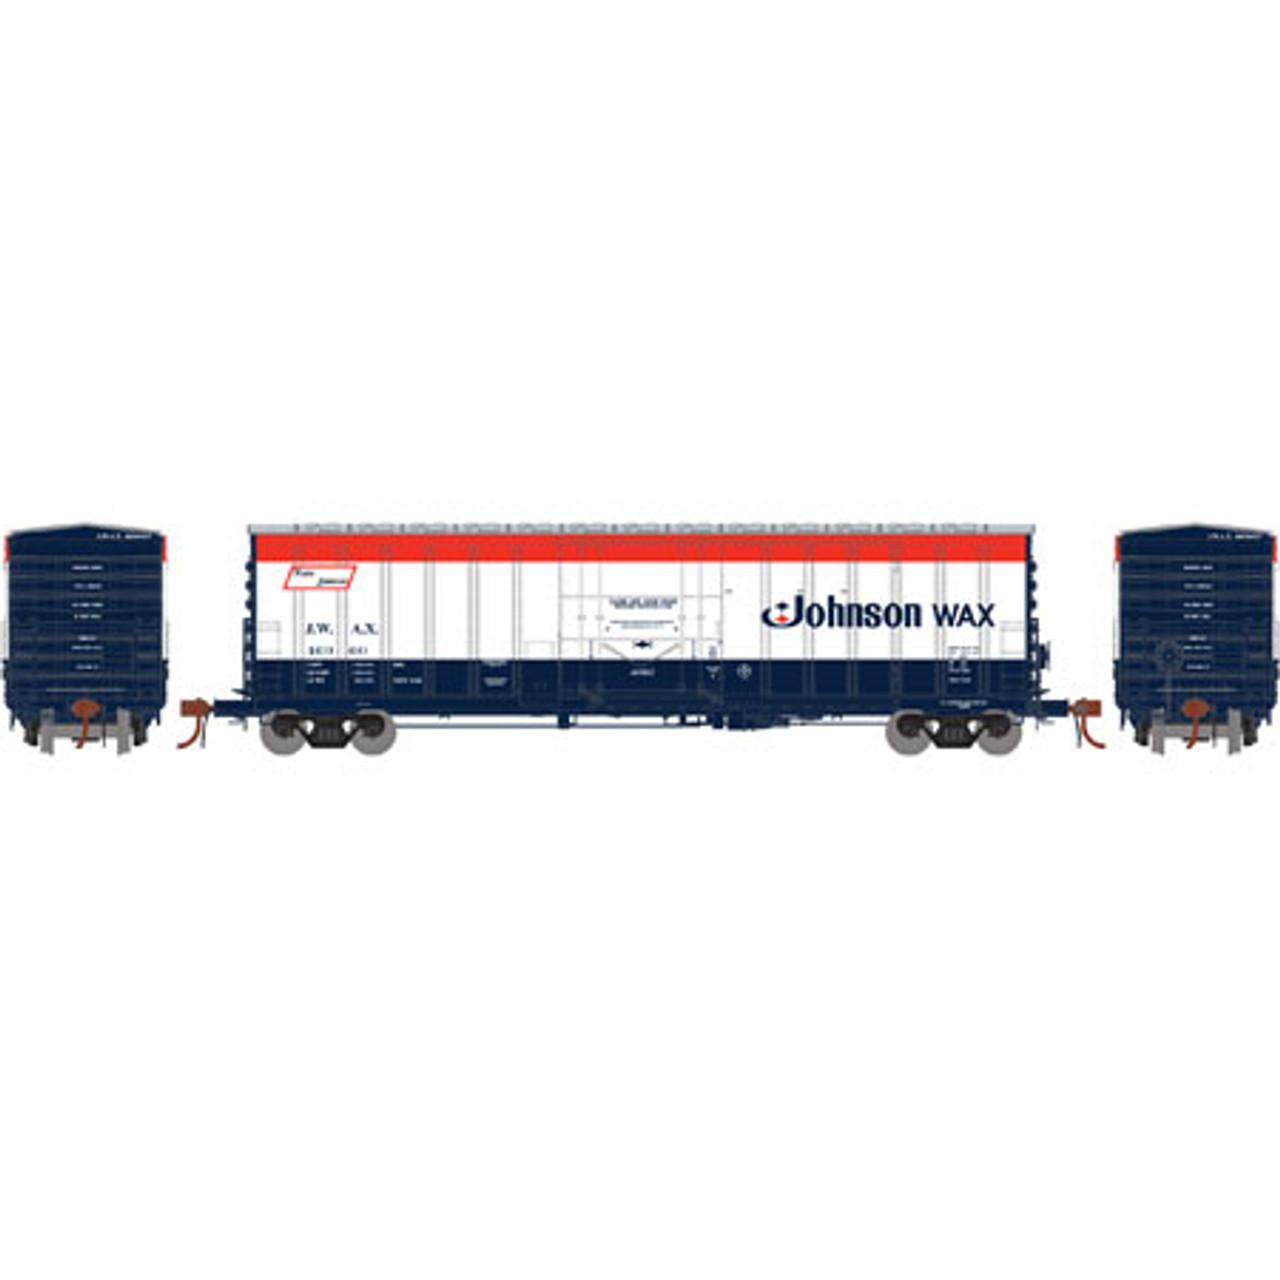 Athearn ATH18422 NACC 50' Box Car JWAX - Johnson Wax #46960  (Scale =HO) Part #ATH18422